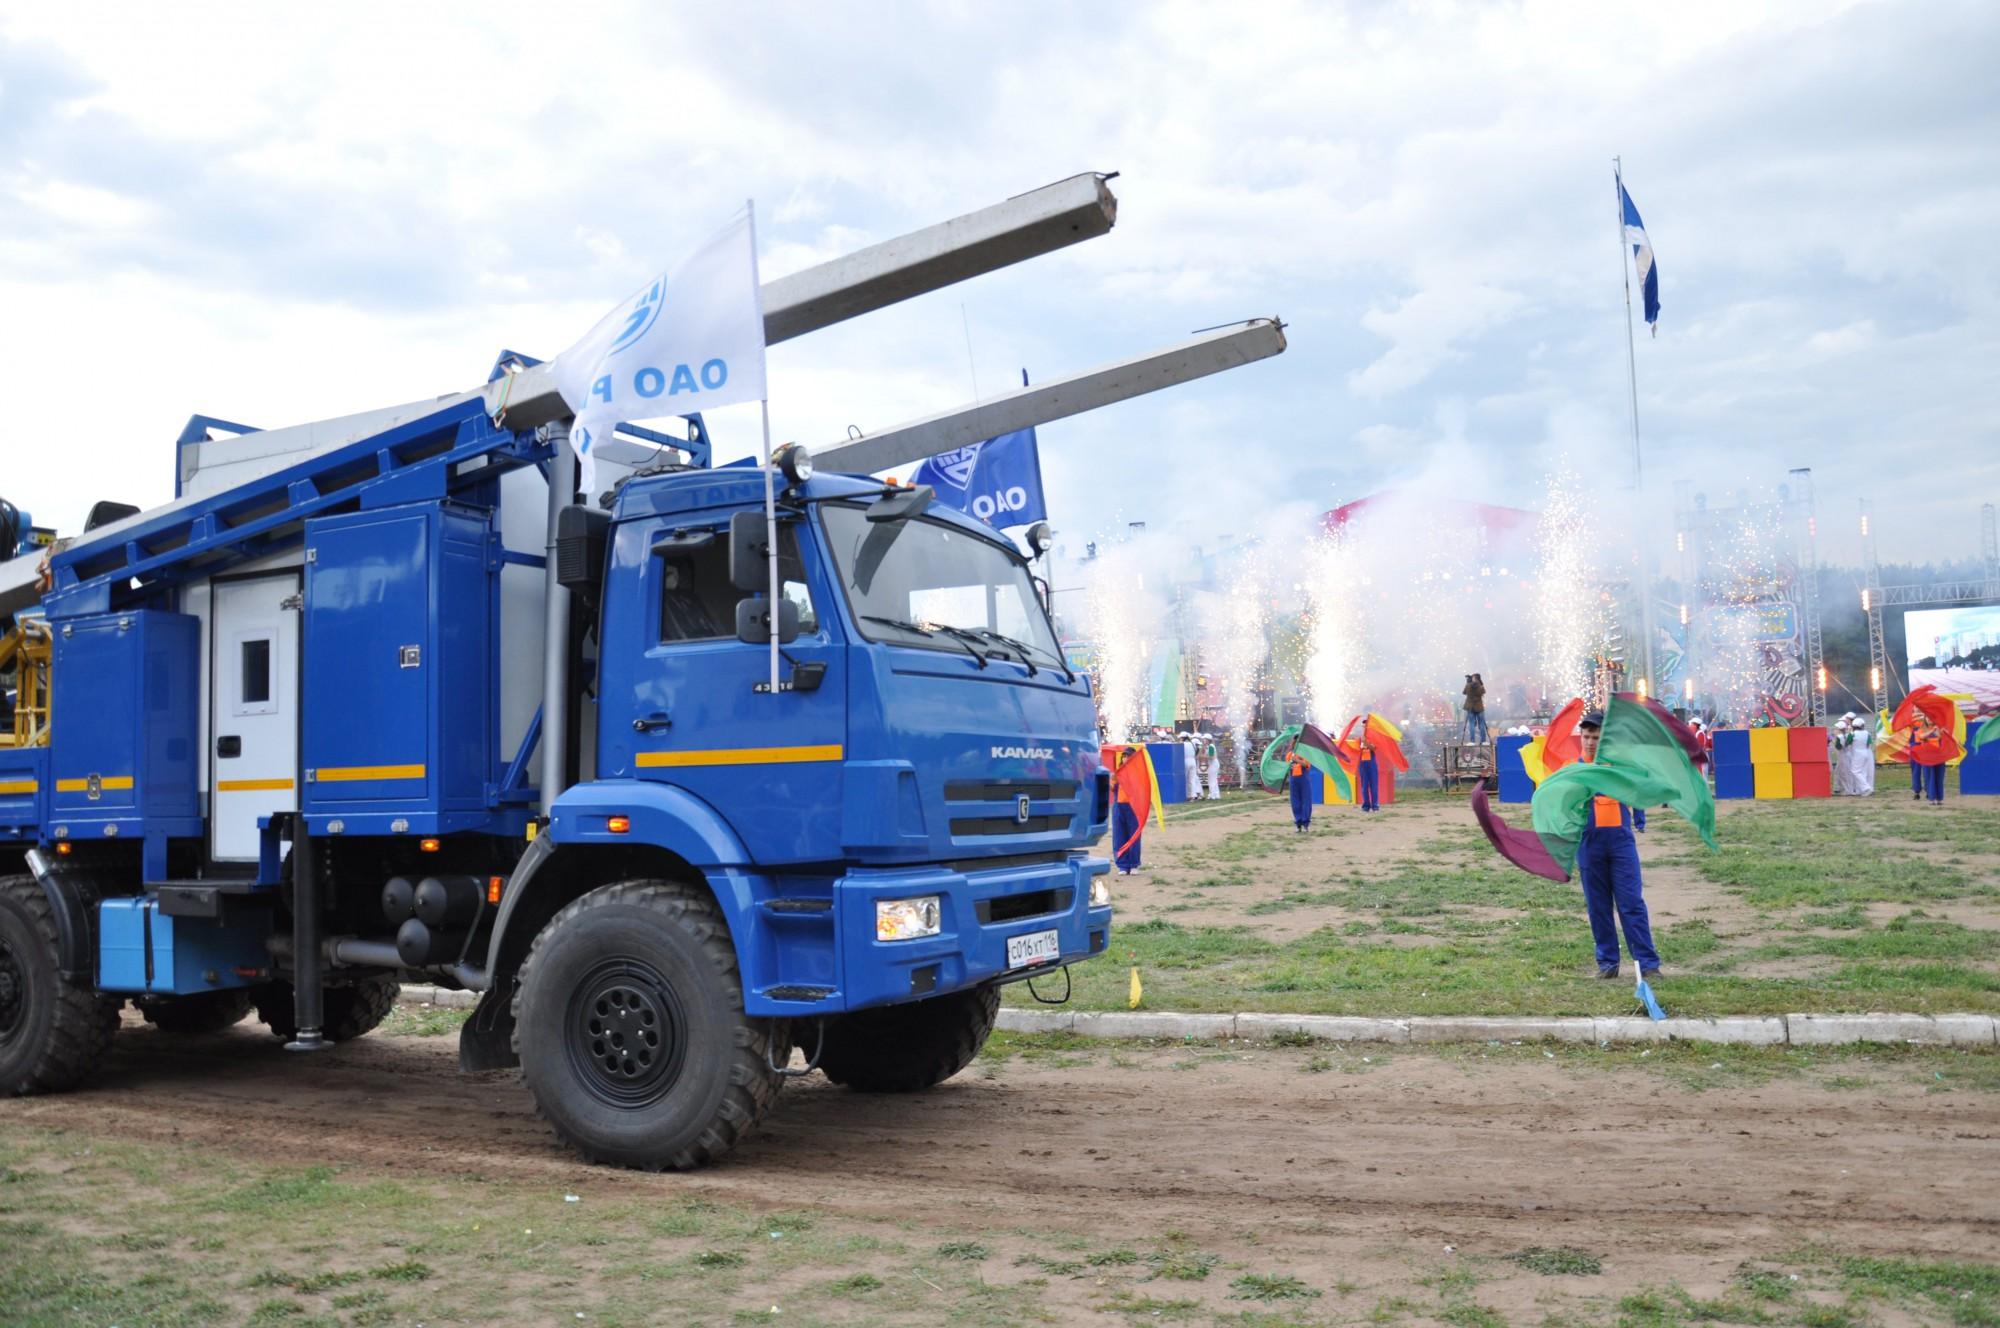 День строителя 2017 - МАРС Опоровоз